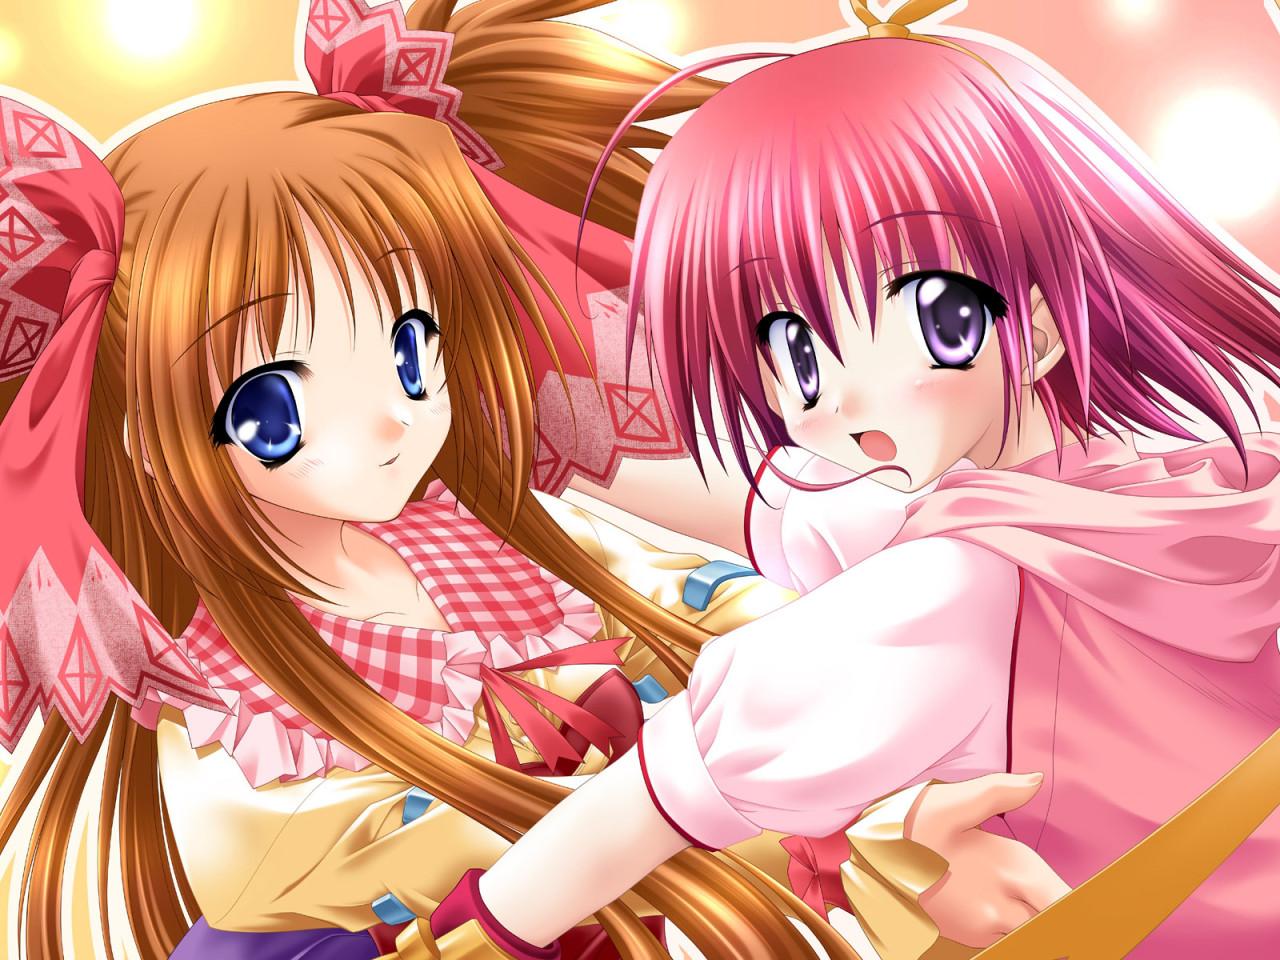 Anime_Pink_girls_013329_